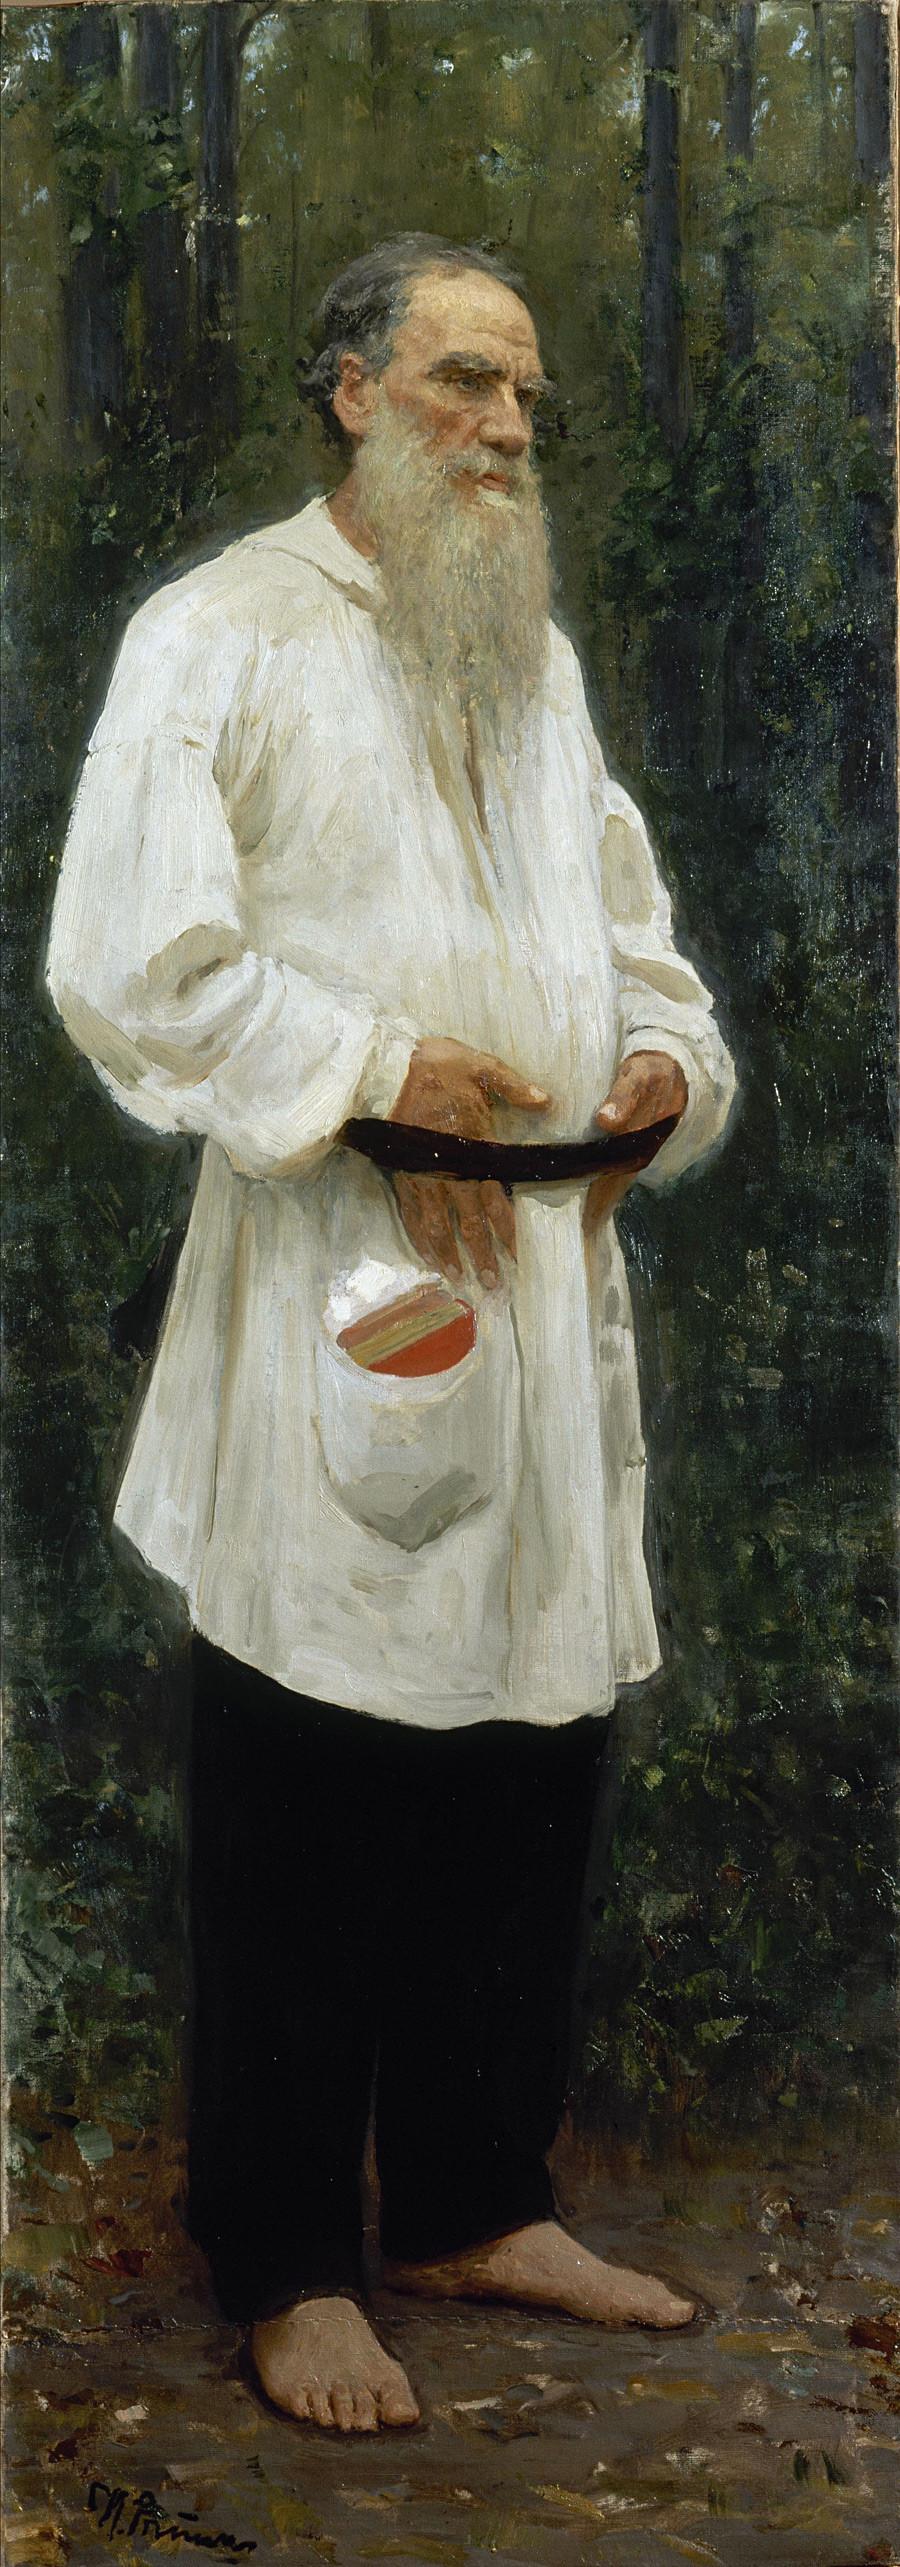 《托尔斯泰赤足》,1901年。图片来源:State Russian Museum